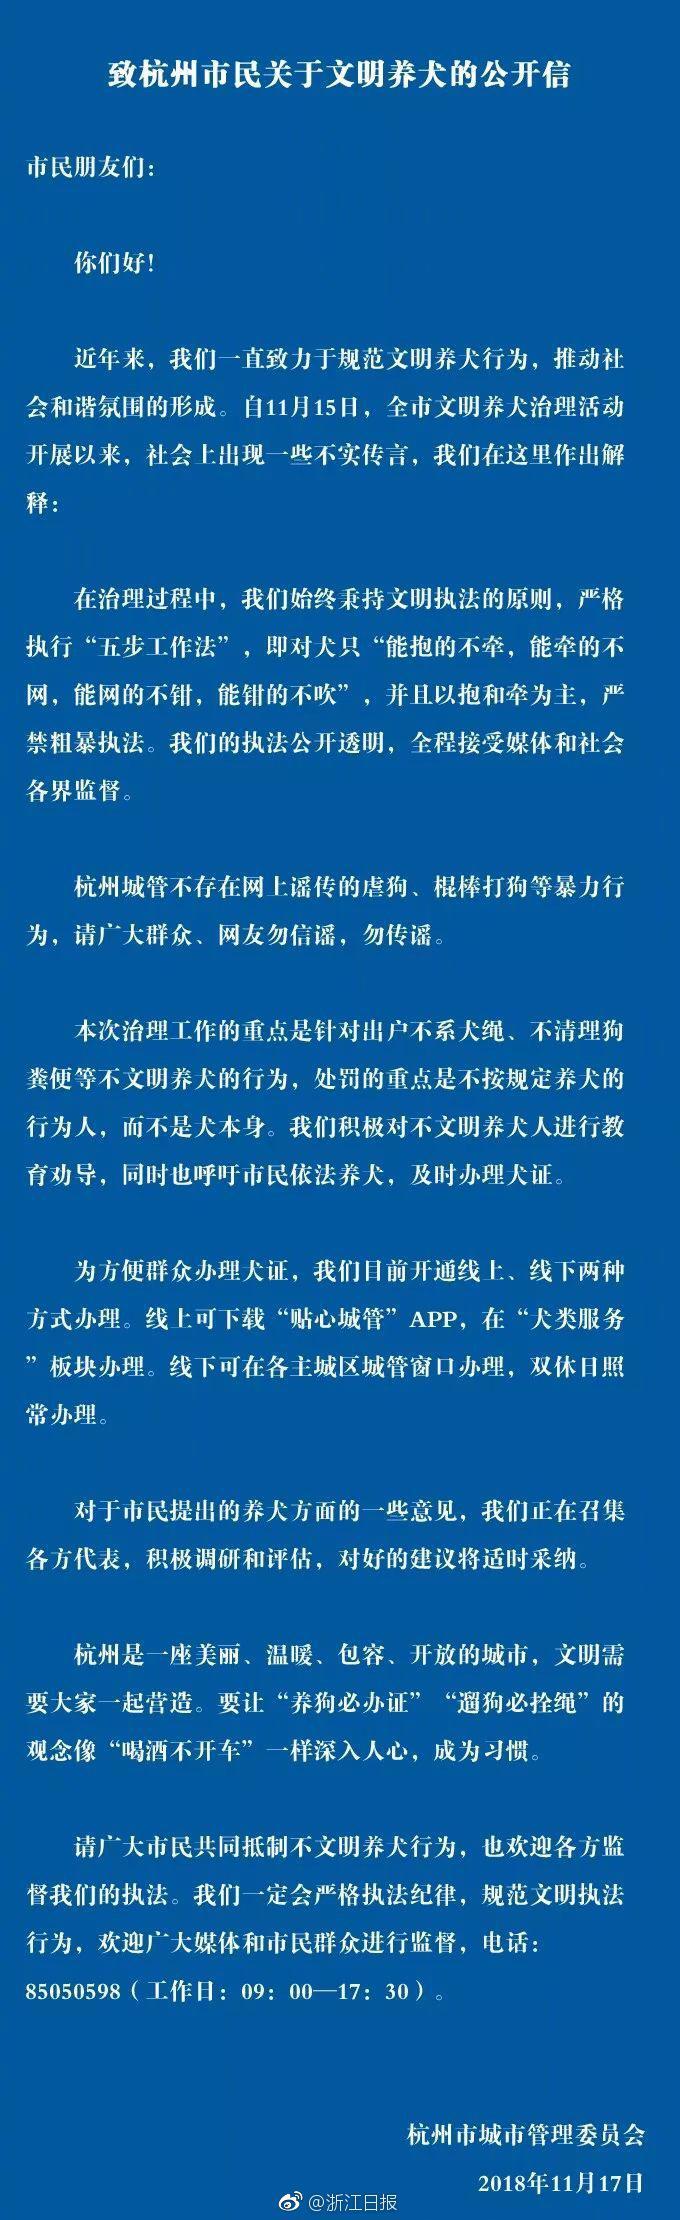 杭州城管:处罚重点是不按规定养犬的人不是犬